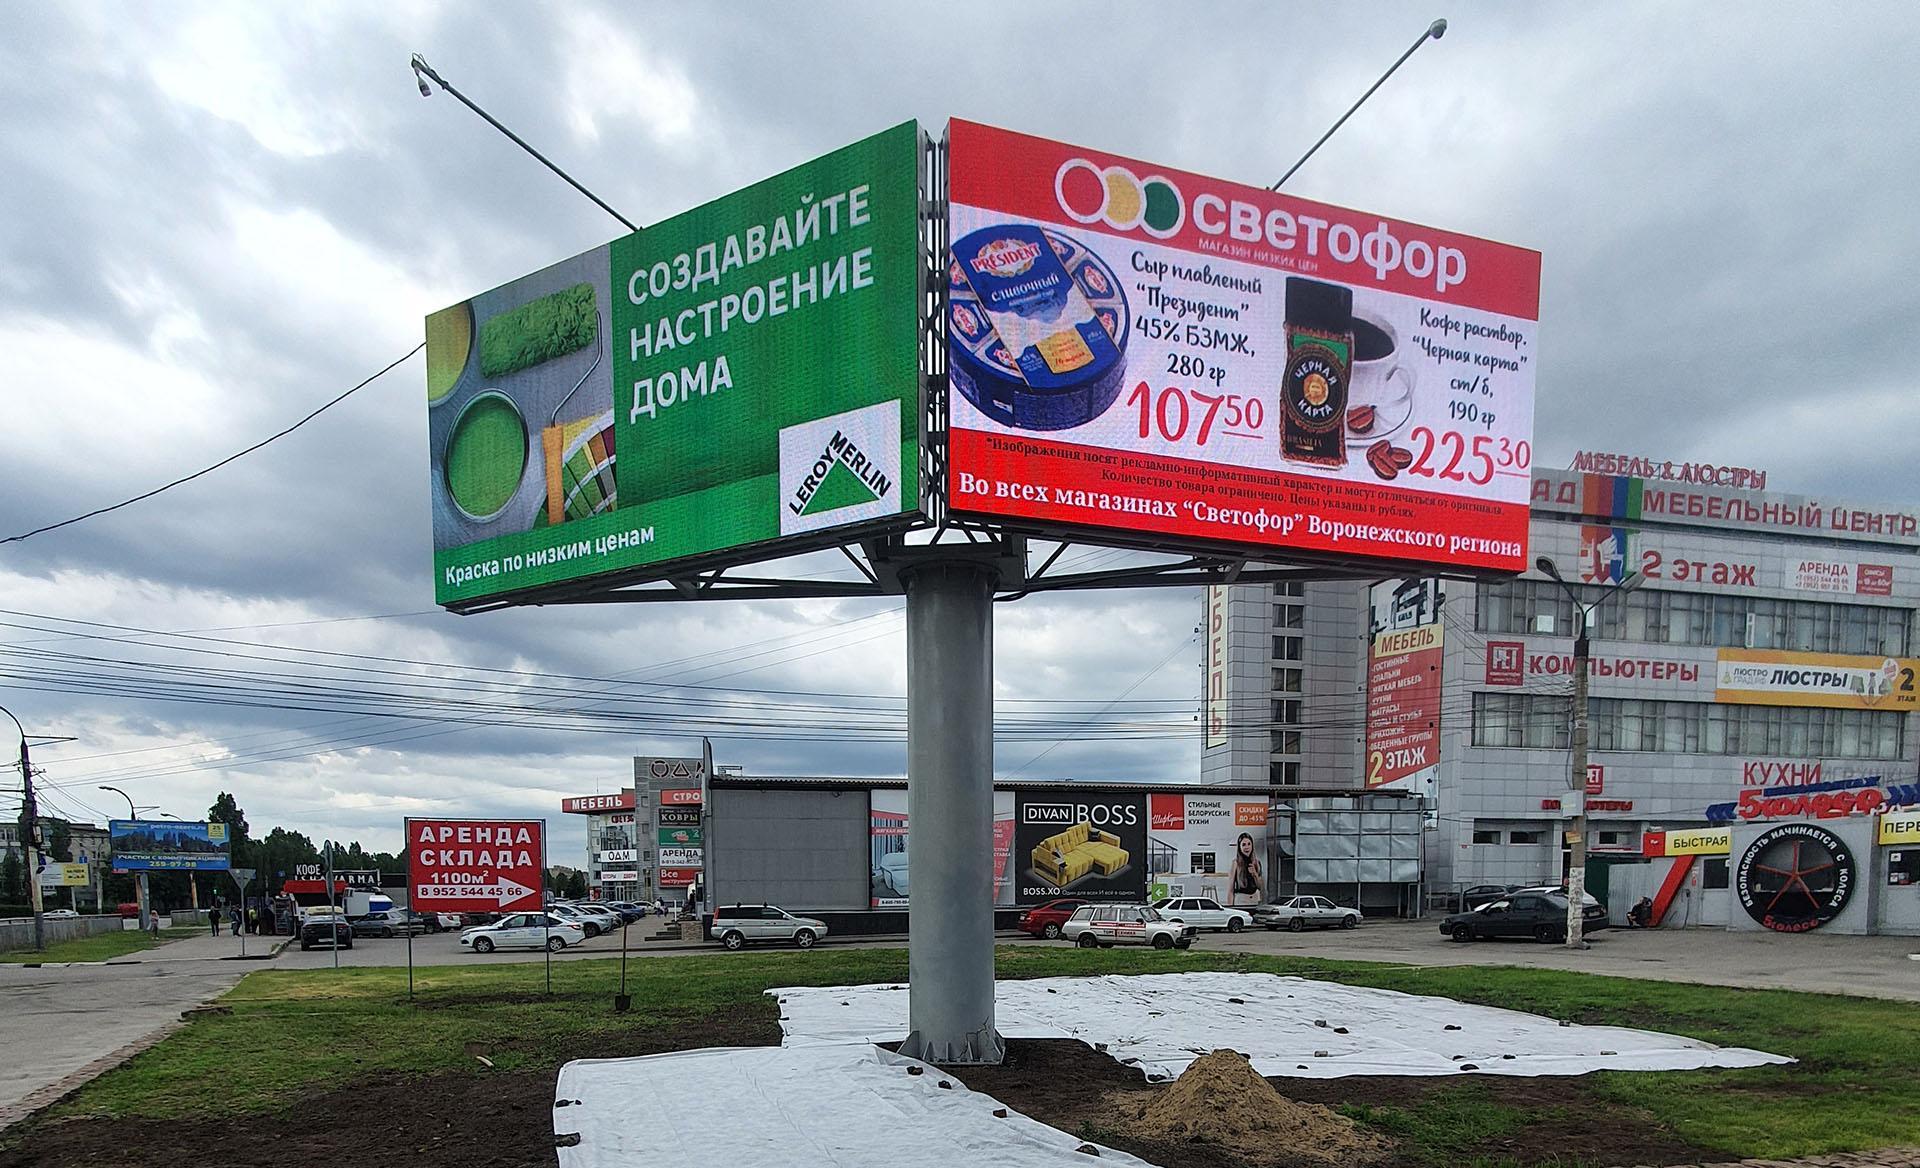 Первый суперсайт с видеоэкранами в Воронеже